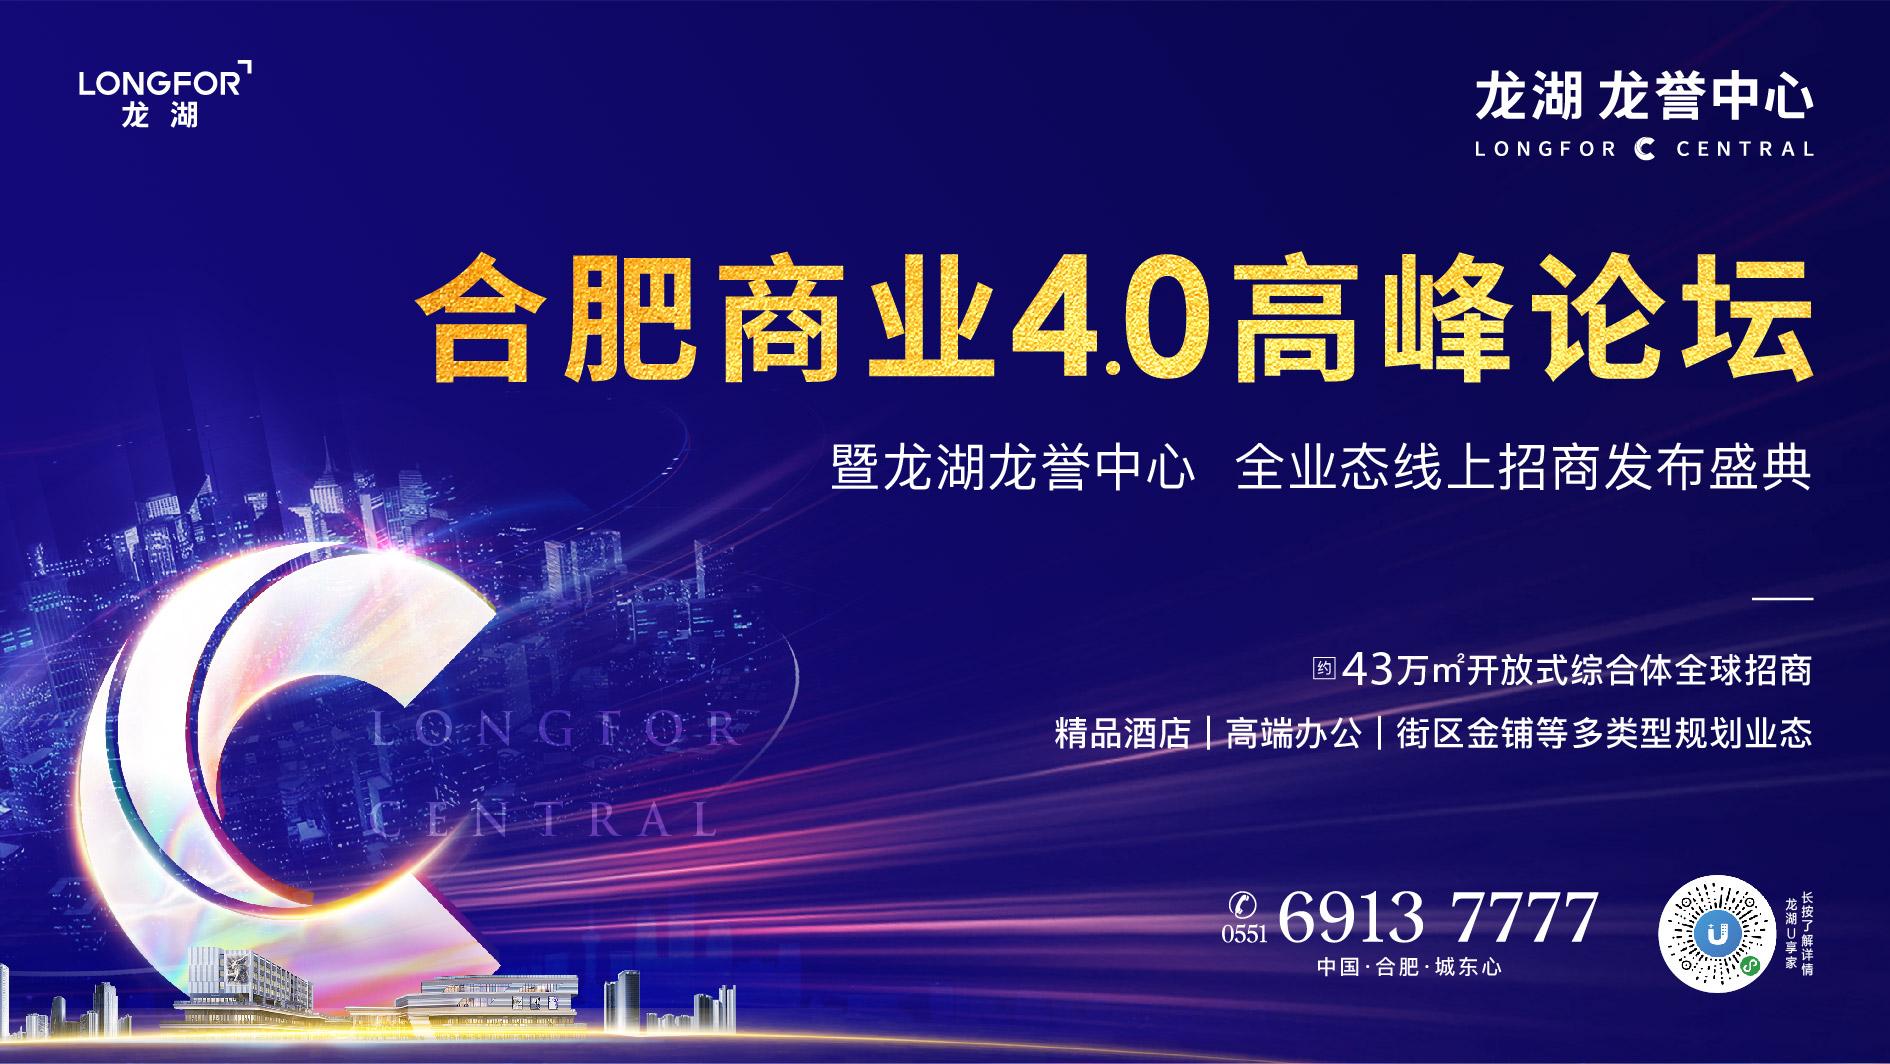 合肥商业4.0高峰论坛暨合肥龙湖全业态线上招商发布会